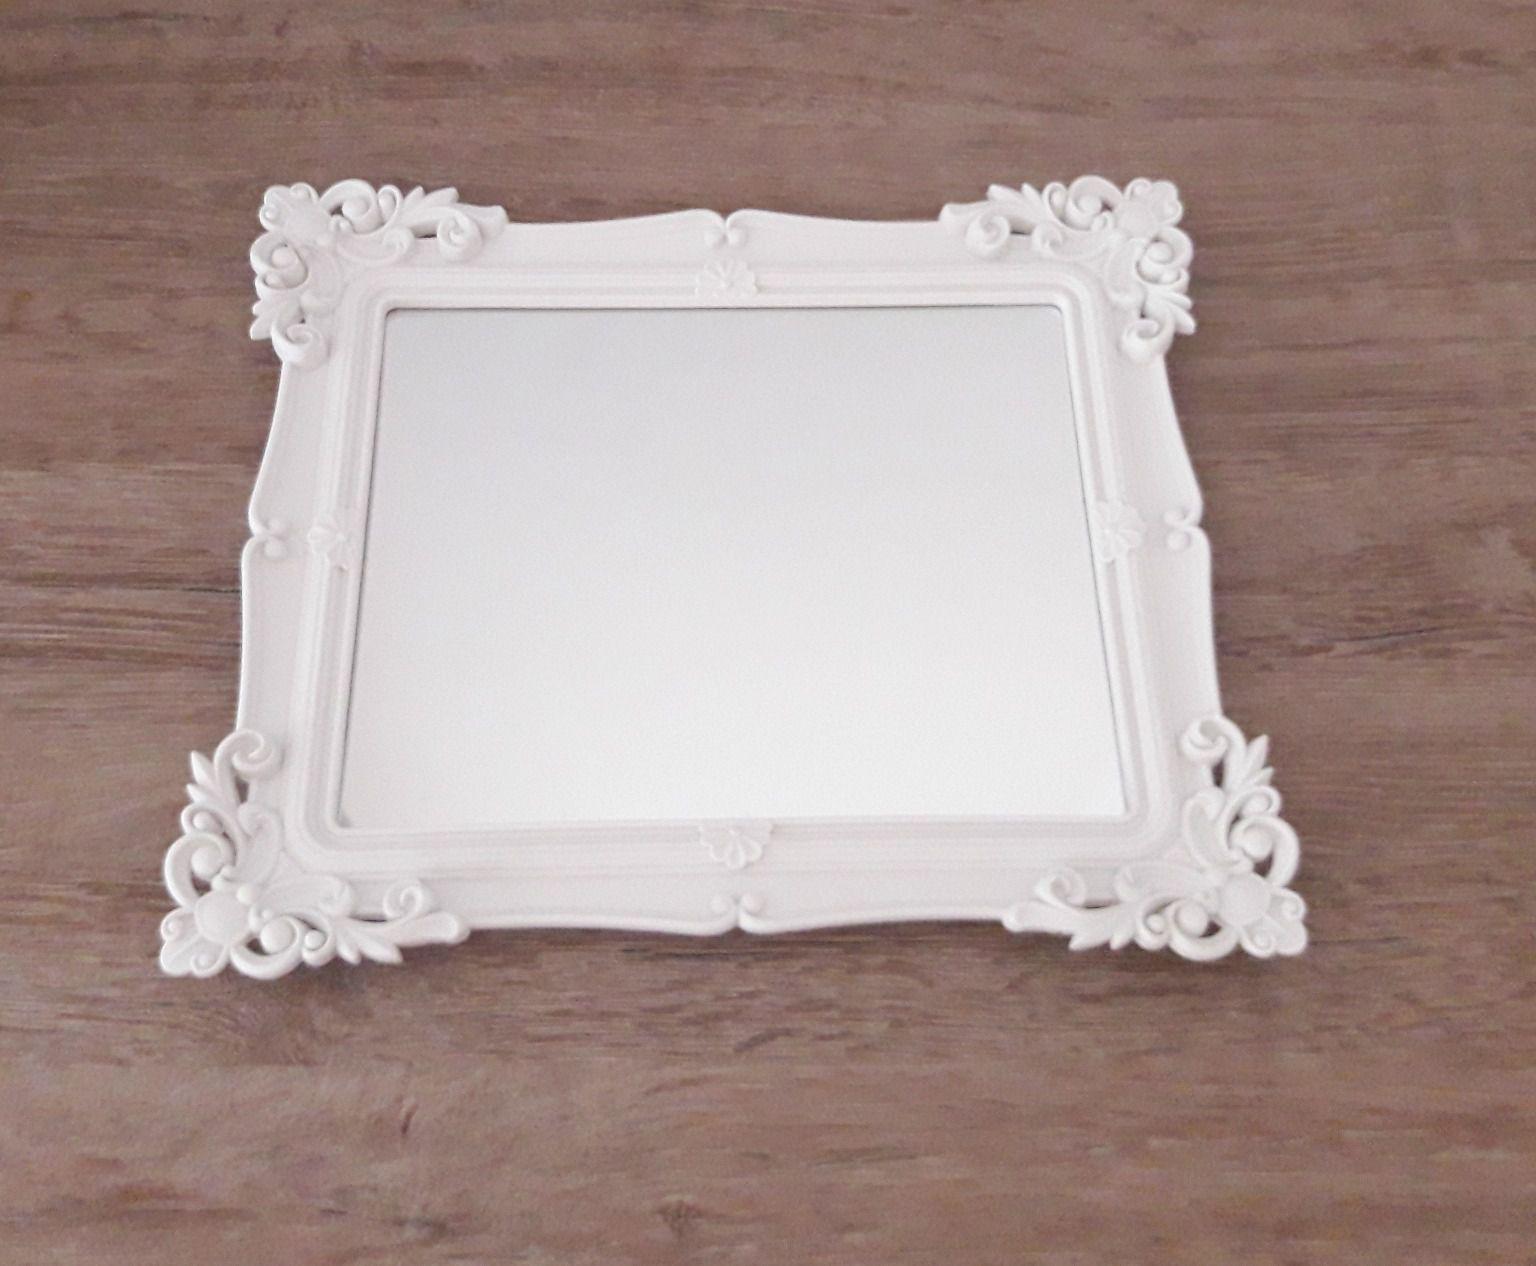 Bandeja Retangular Branca Espelhada Provençal de Plástico